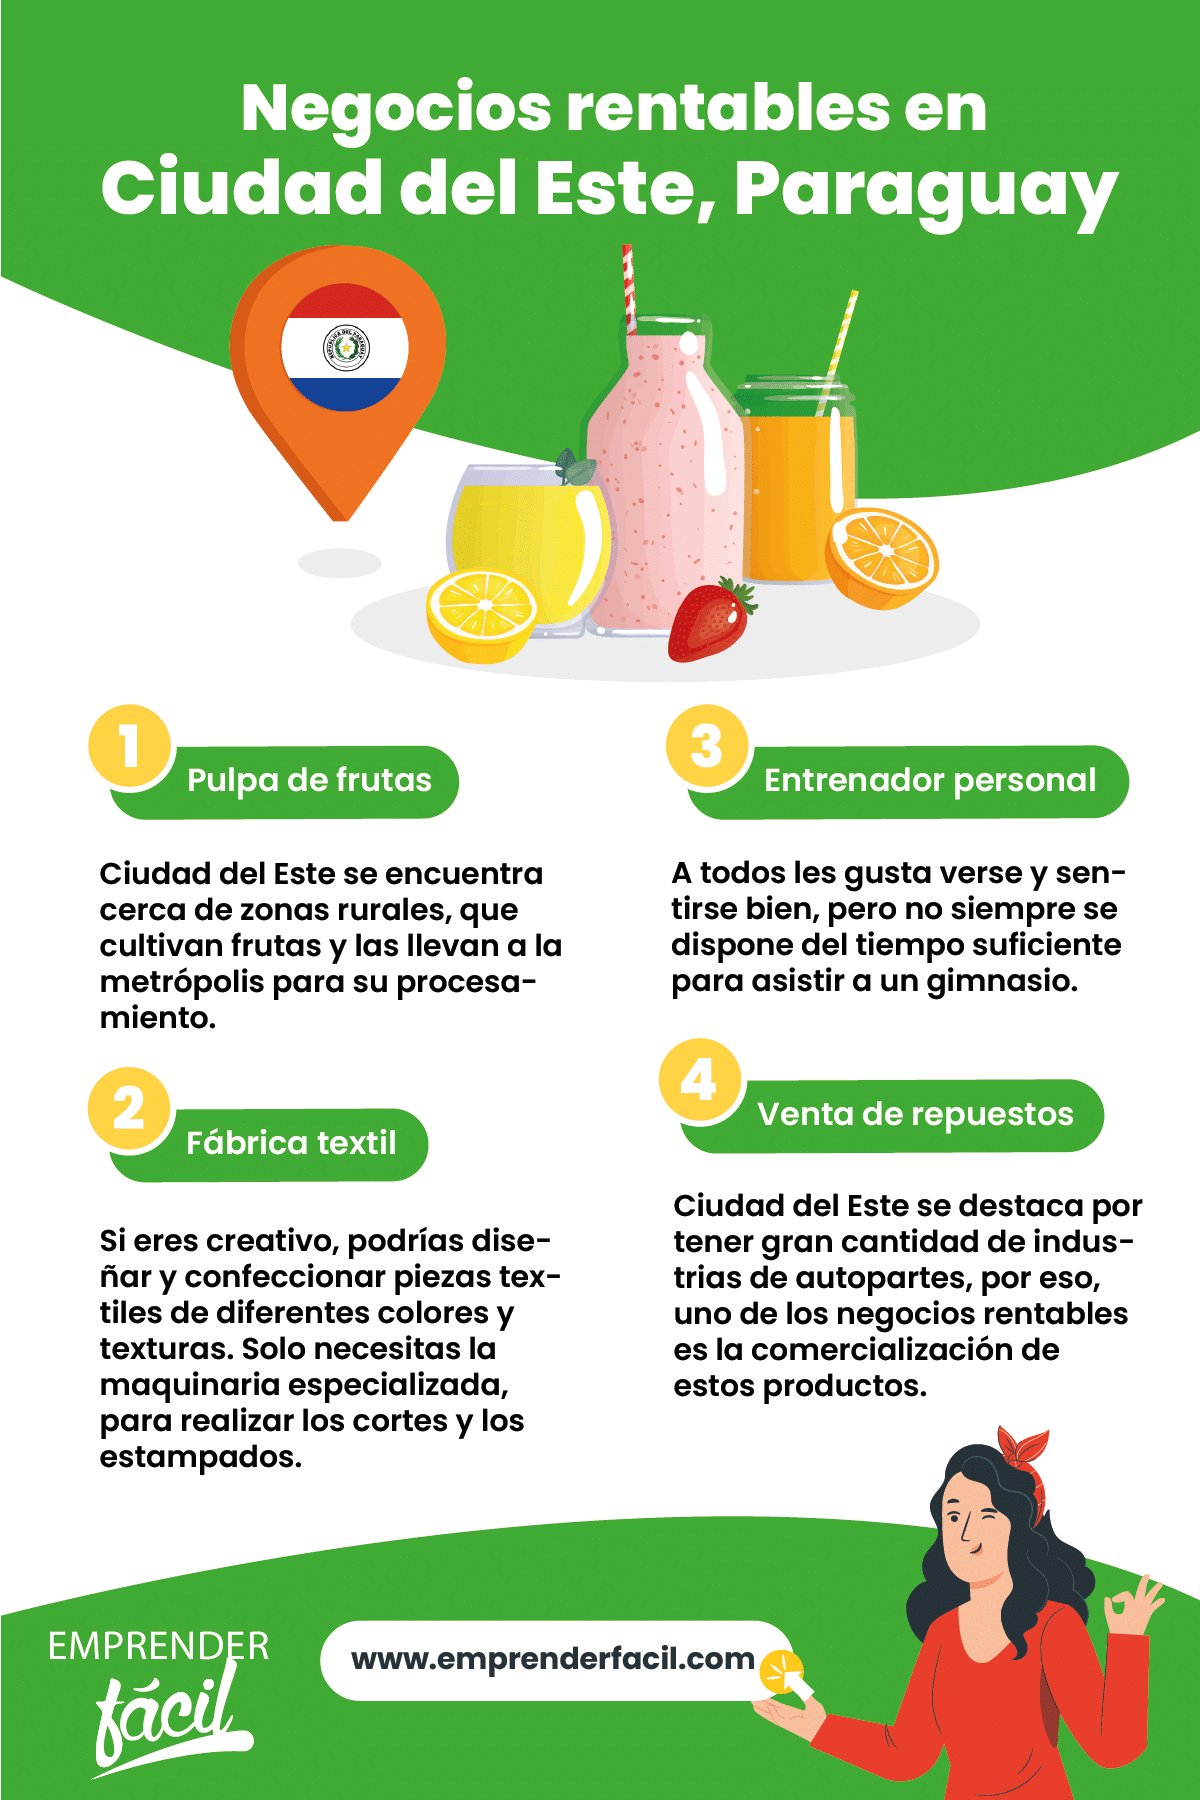 Negocios rentables en Ciudad del Este, Paraguay.